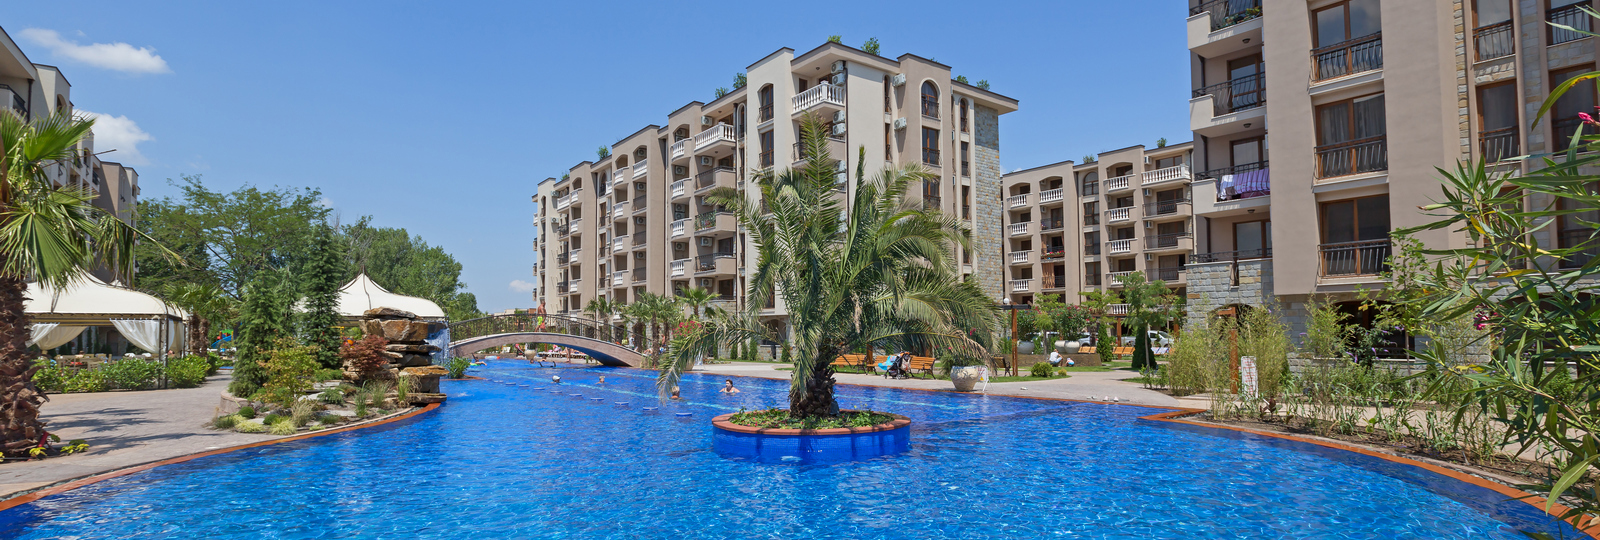 Купить жилье в Болгарии - лучшие цены